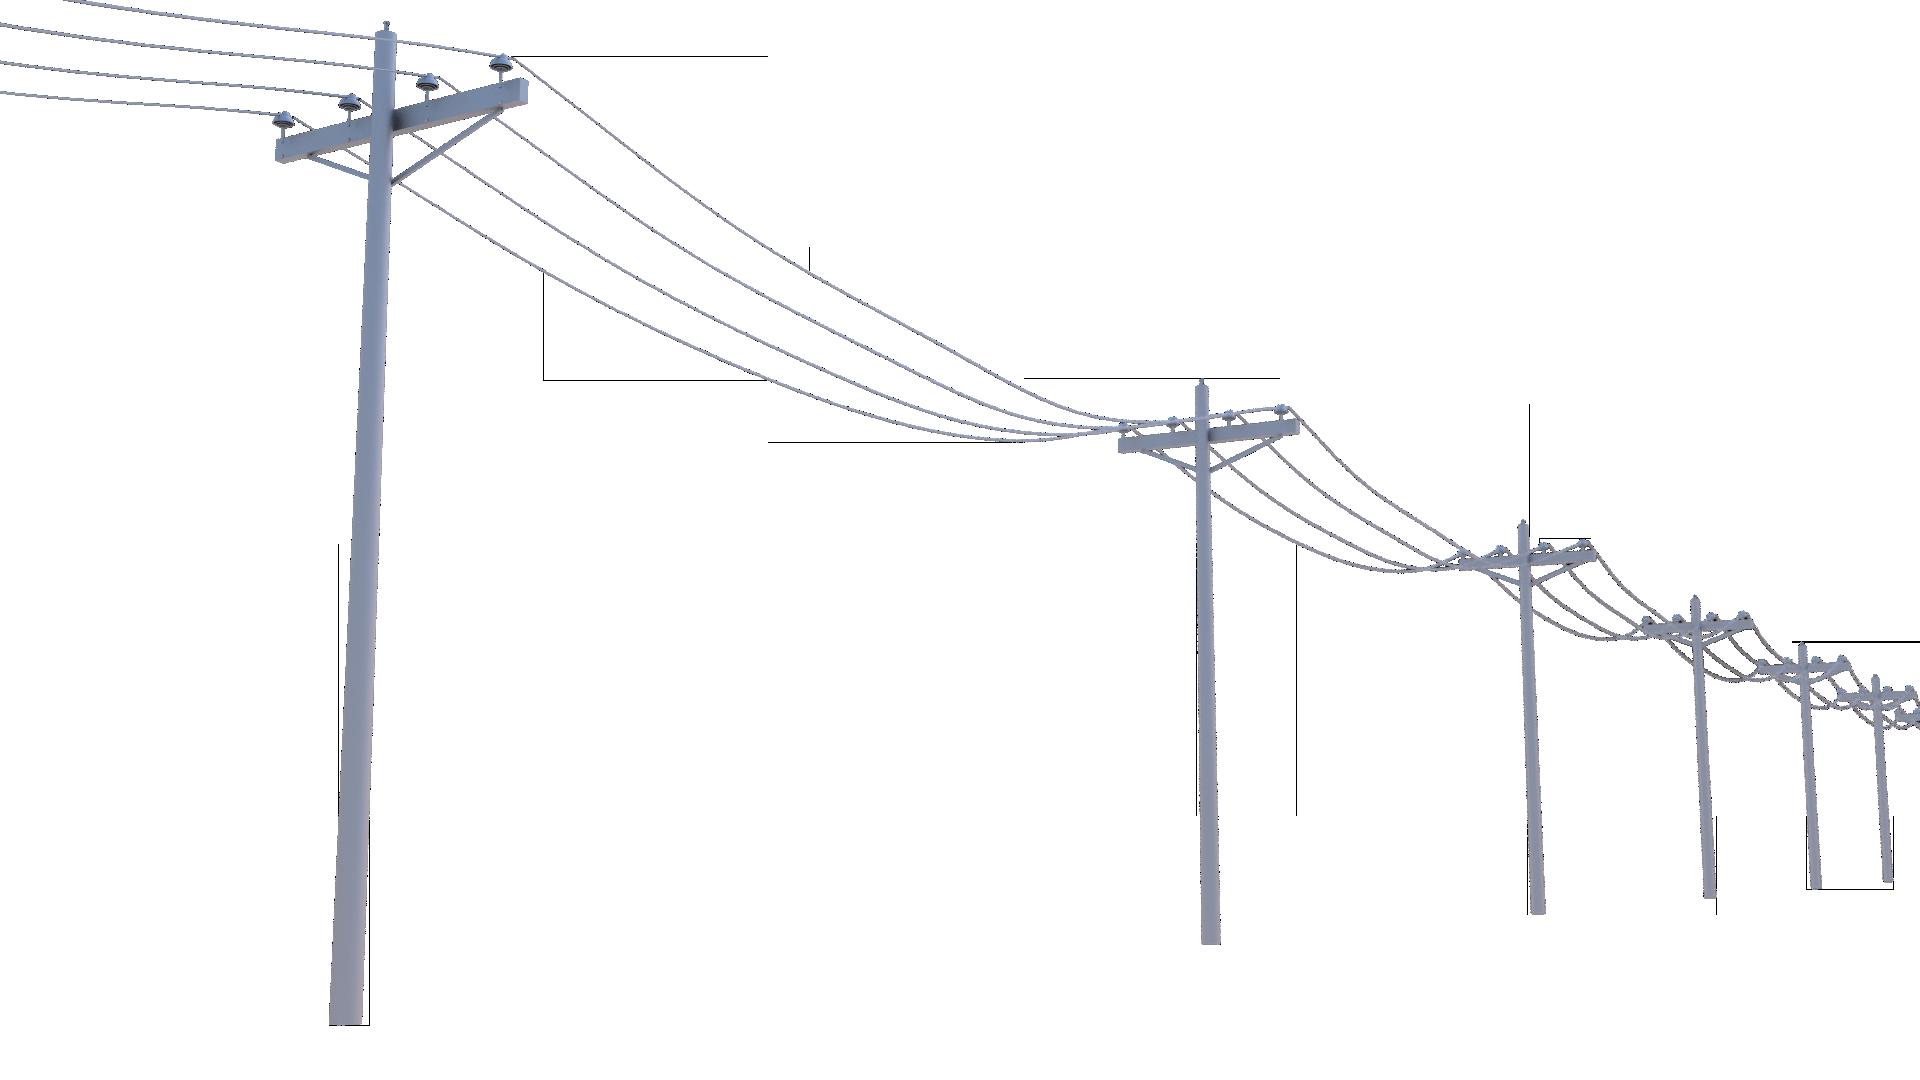 Birds on power pole clipart - Clipground